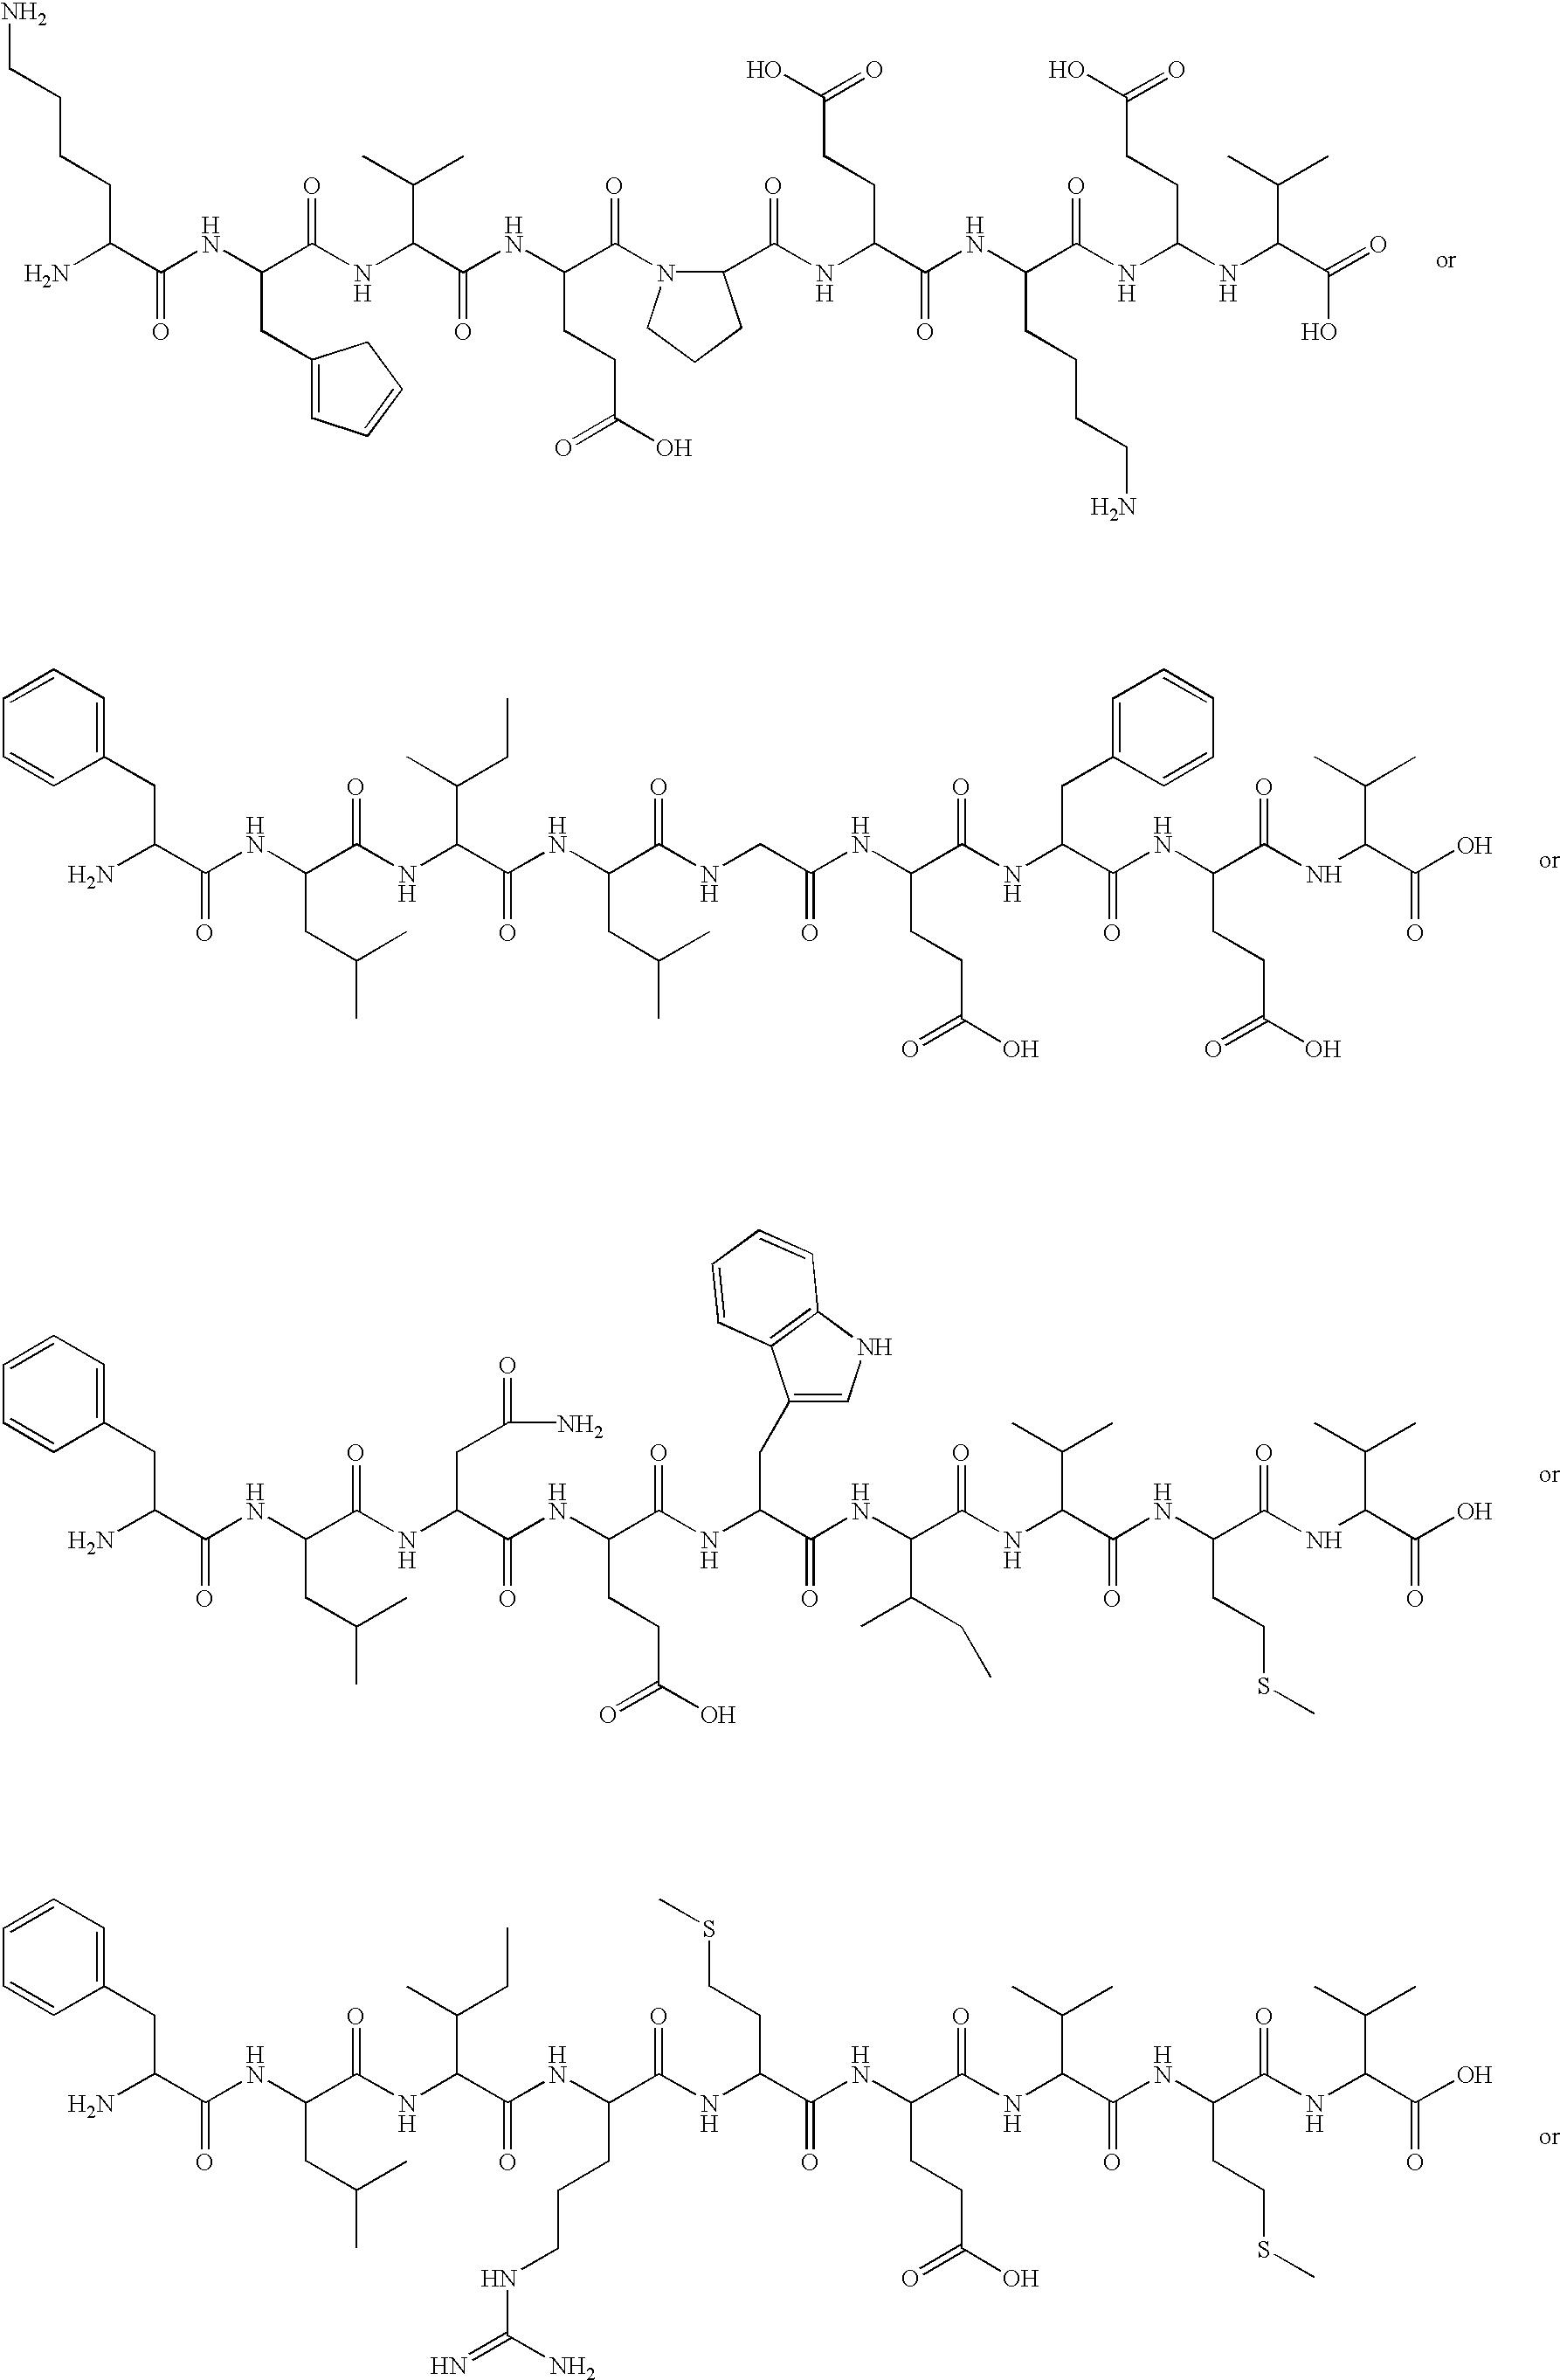 Figure US20020197243A1-20021226-C00001